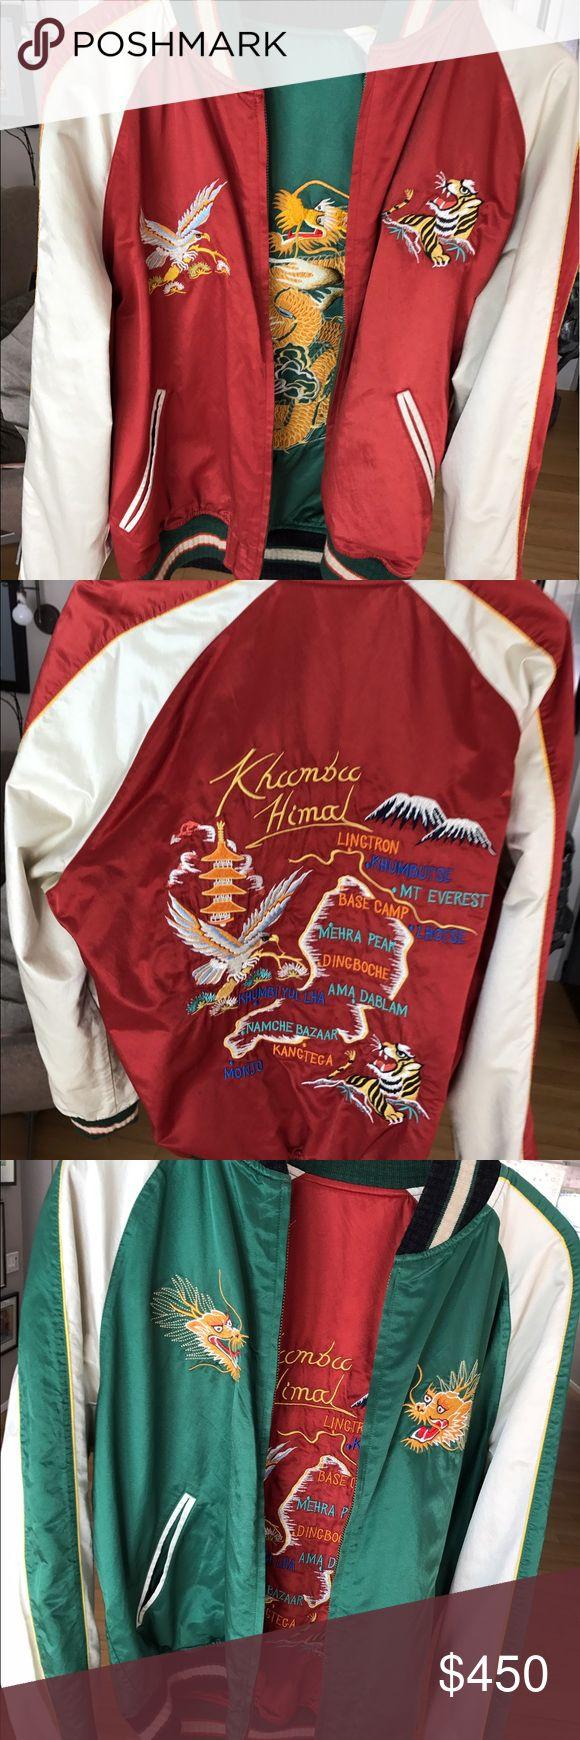 Ralph Lauren Khumbu Reversible Tour Jacket Polo Ralph Lauren Red/Green Khumbu Reversible Satin Tour Jacket, price tag still on. Polo by Ralph Lauren Jackets & Coats Bomber & Varsity